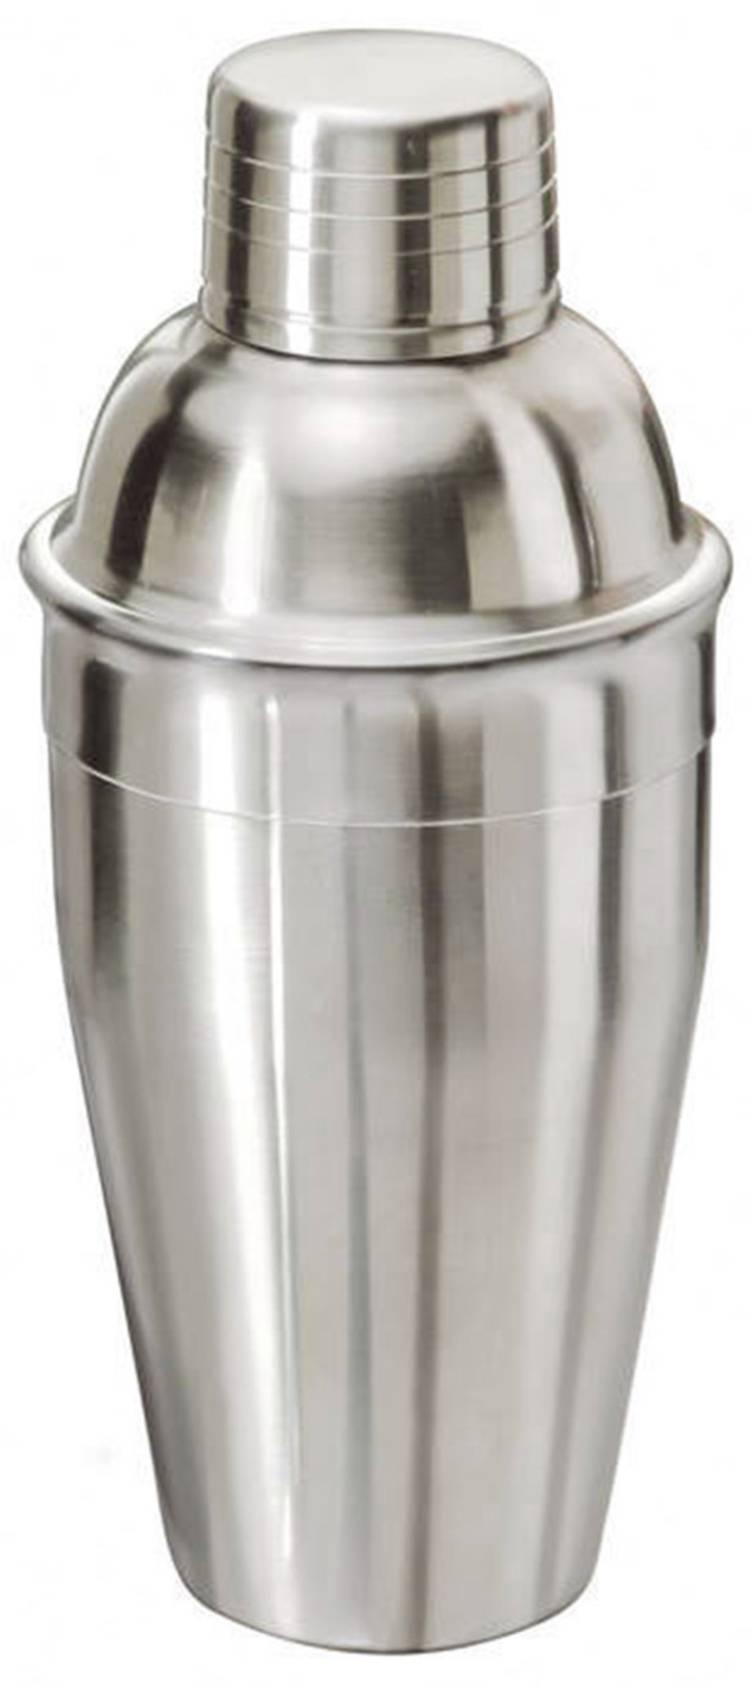 Image of MATO 4135 Cocktailshaker Alaska 0,5 liter